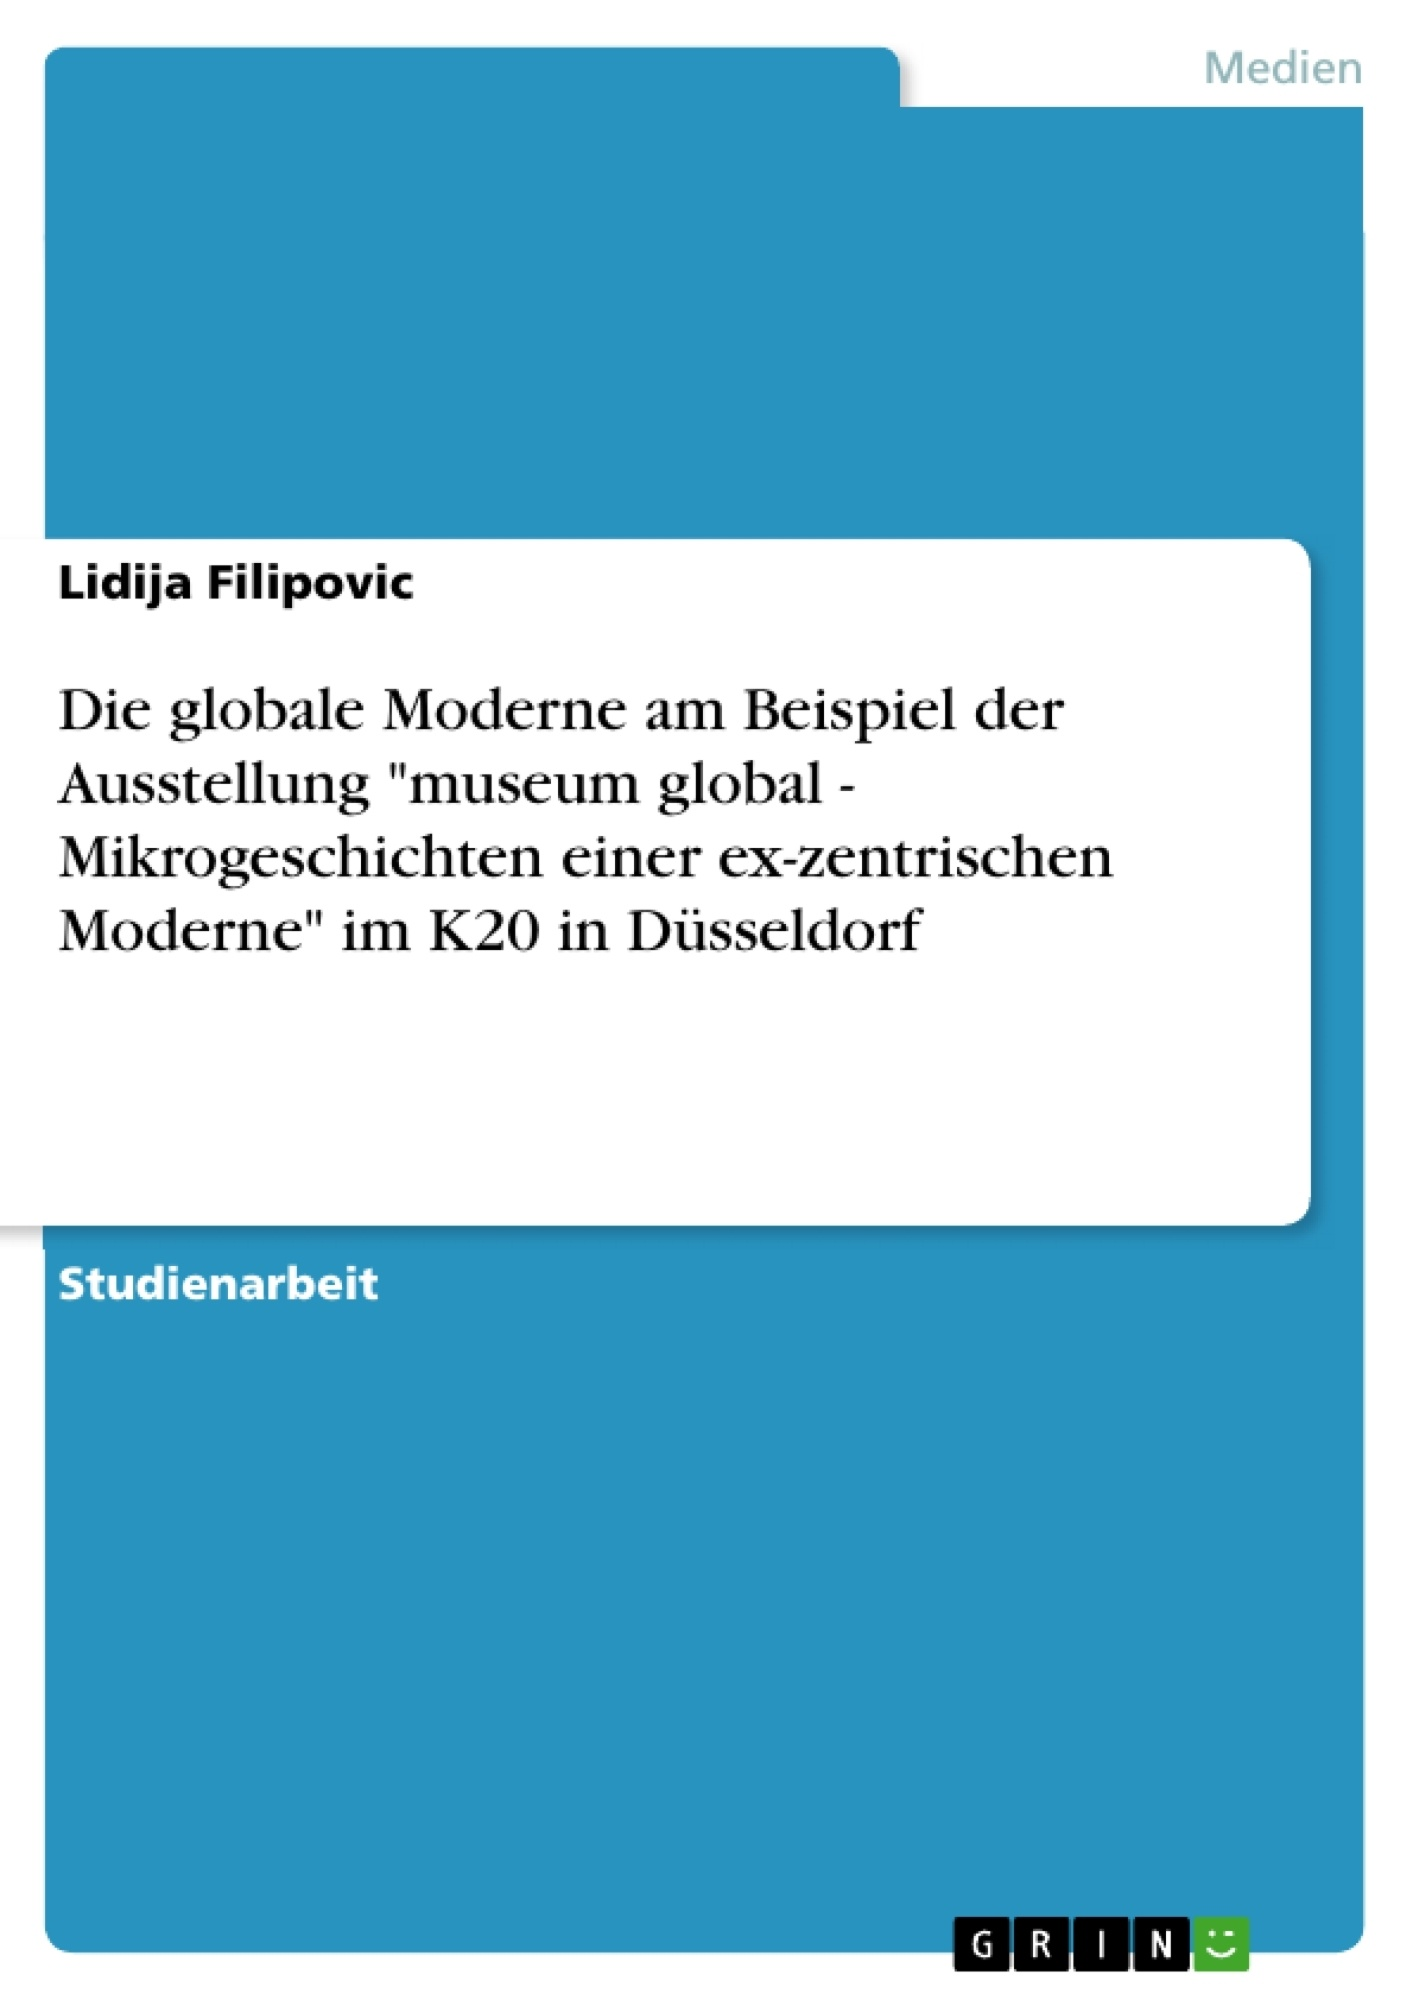 """Titel: Die globale Moderne am Beispiel der Ausstellung """"museum global - Mikrogeschichten einer ex-zentrischen Moderne"""" im K20 in Düsseldorf"""